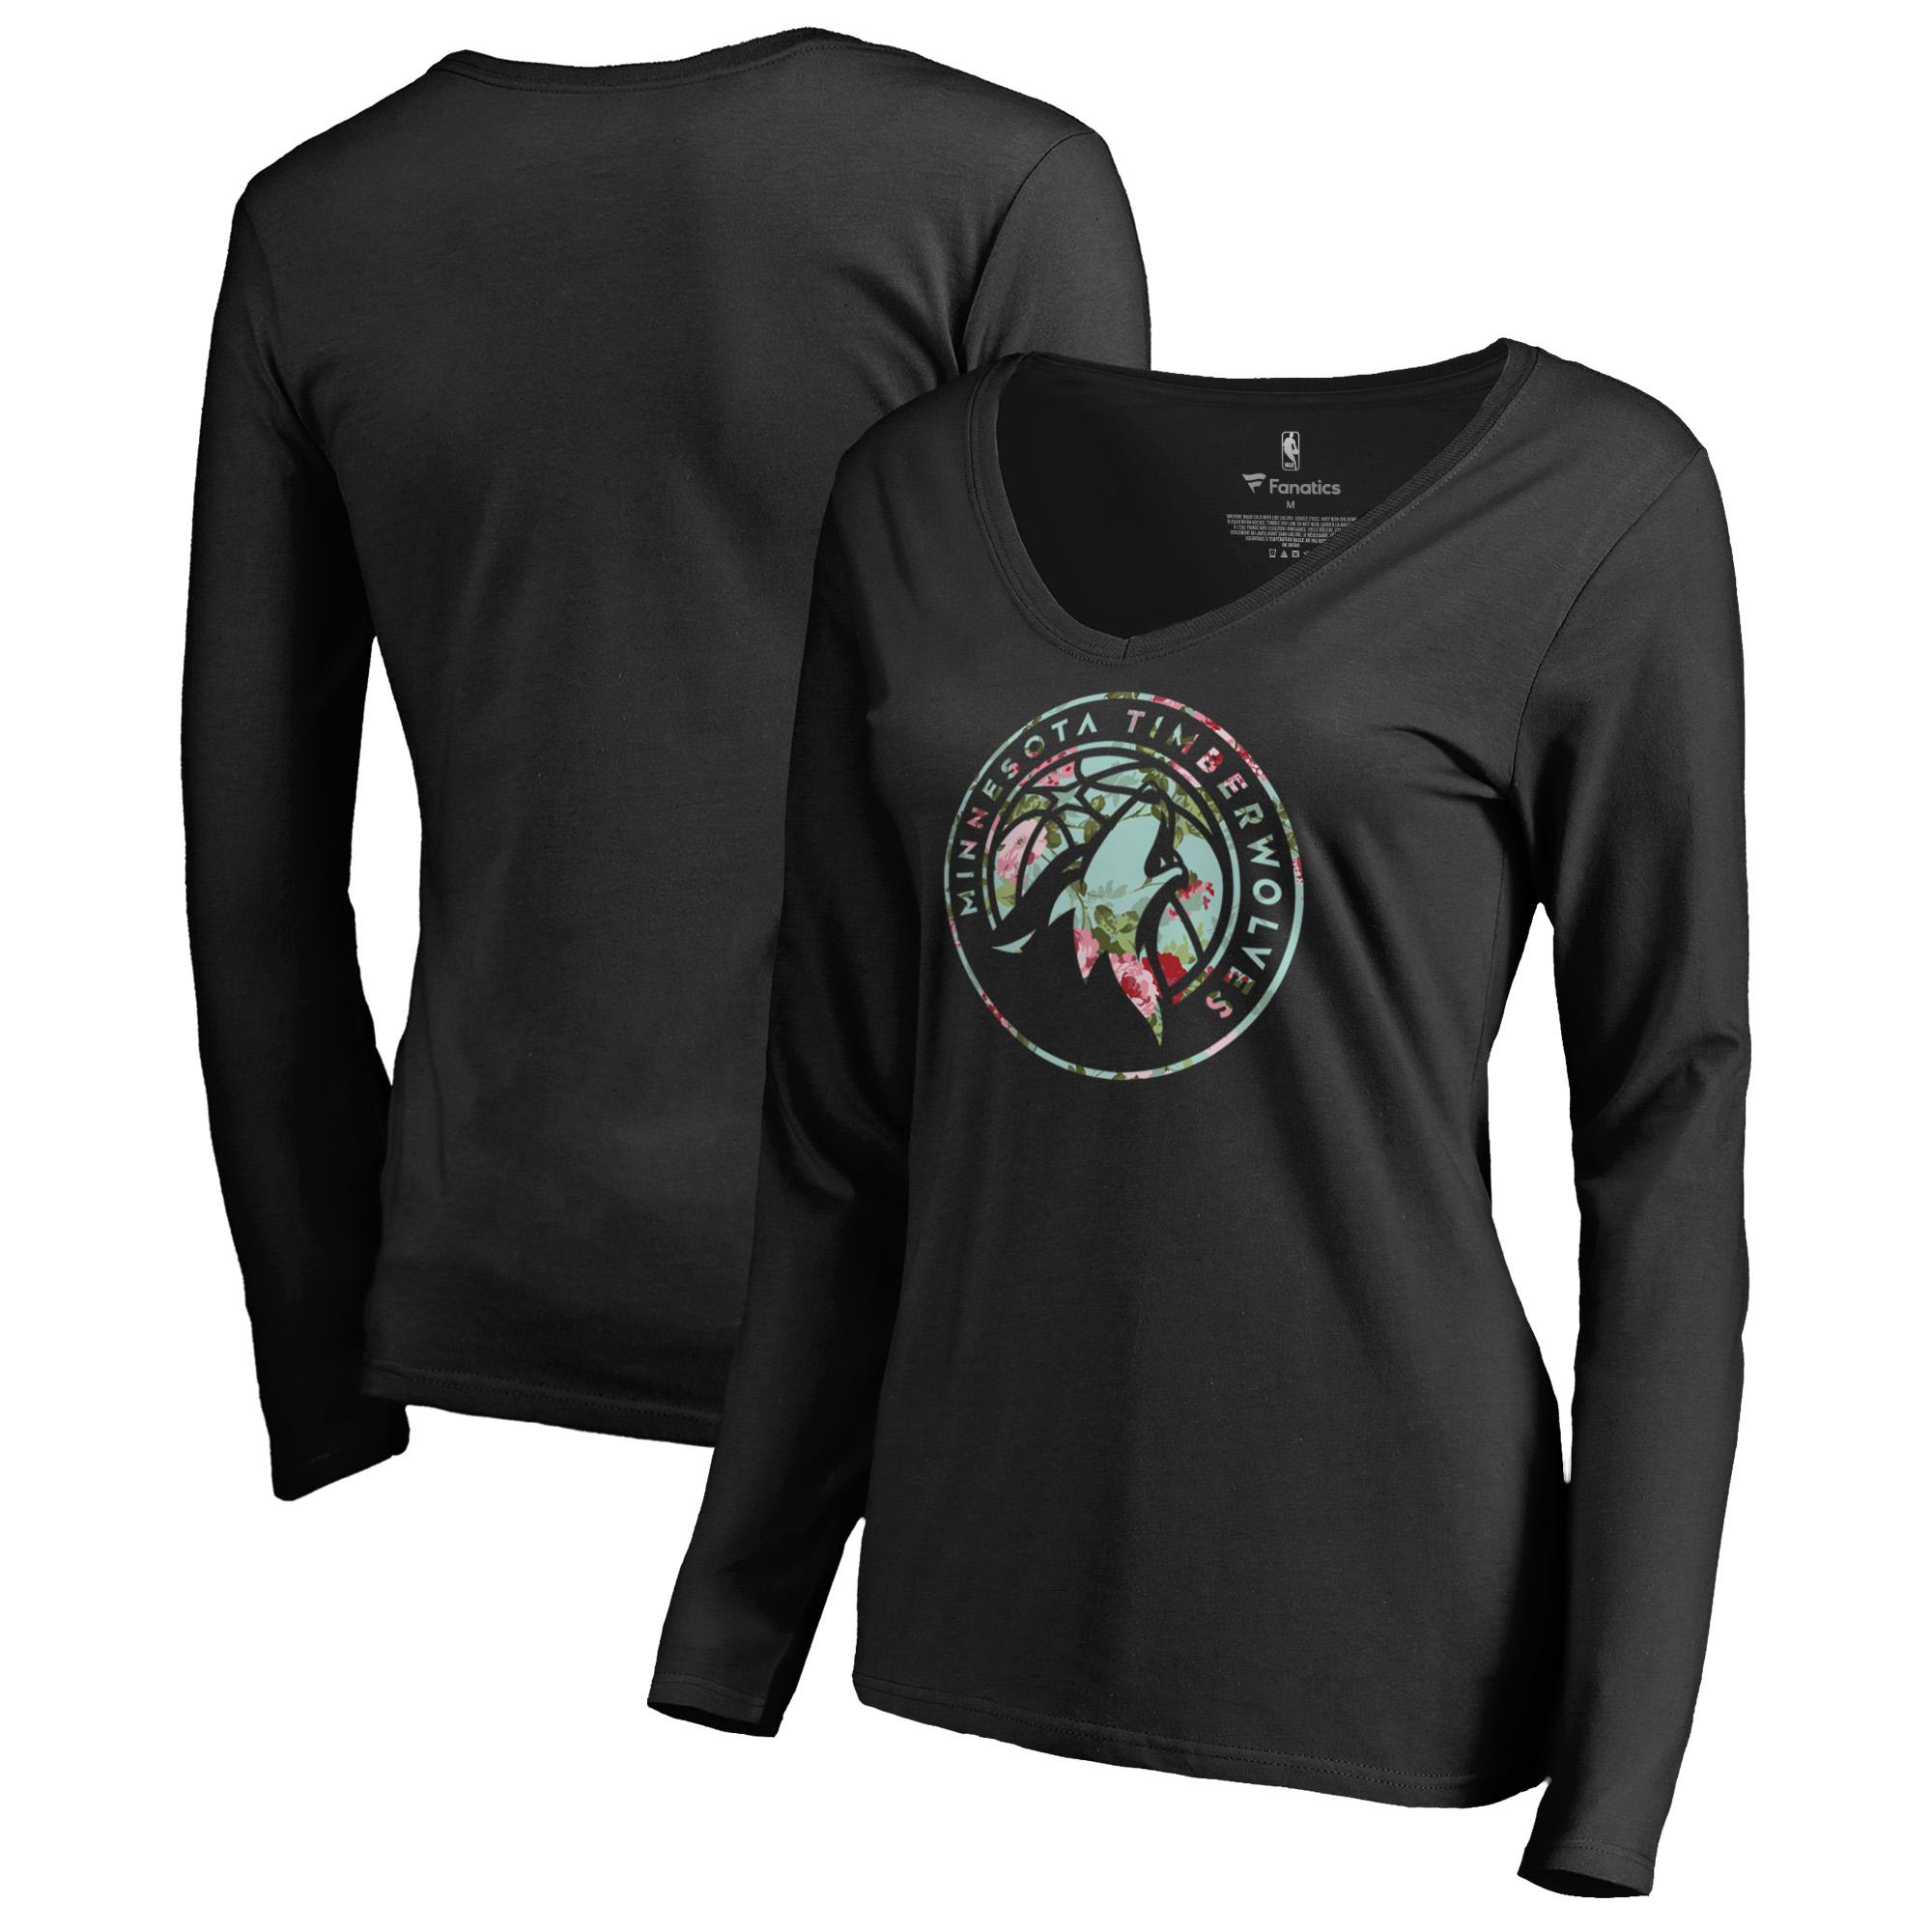 Minnesota Timberwolves Fanatics Branded Women's Lovely V-Neck Long Sleeve T-Shirt - Black